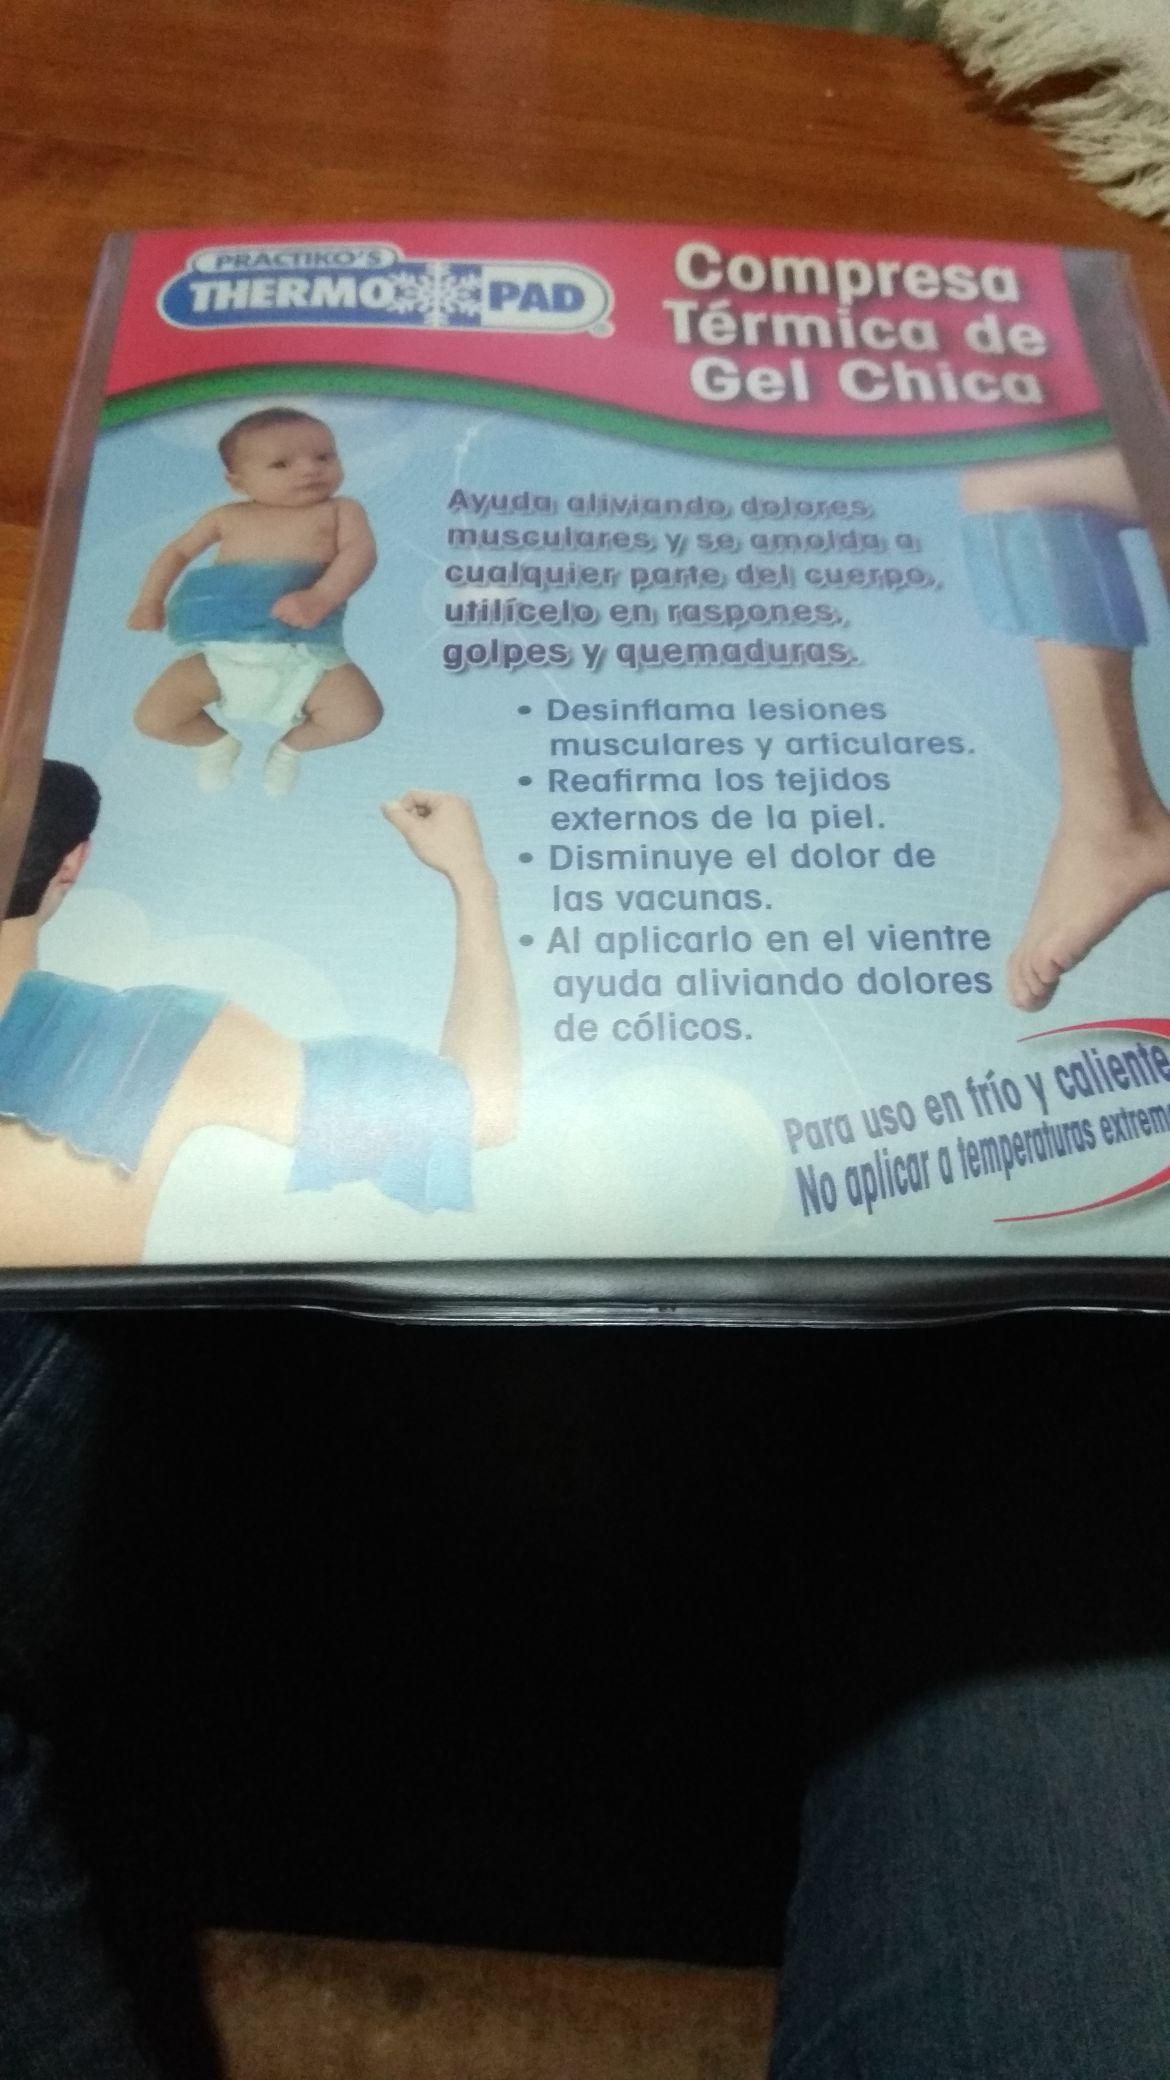 Walmart: Compresa térmica de gel chica